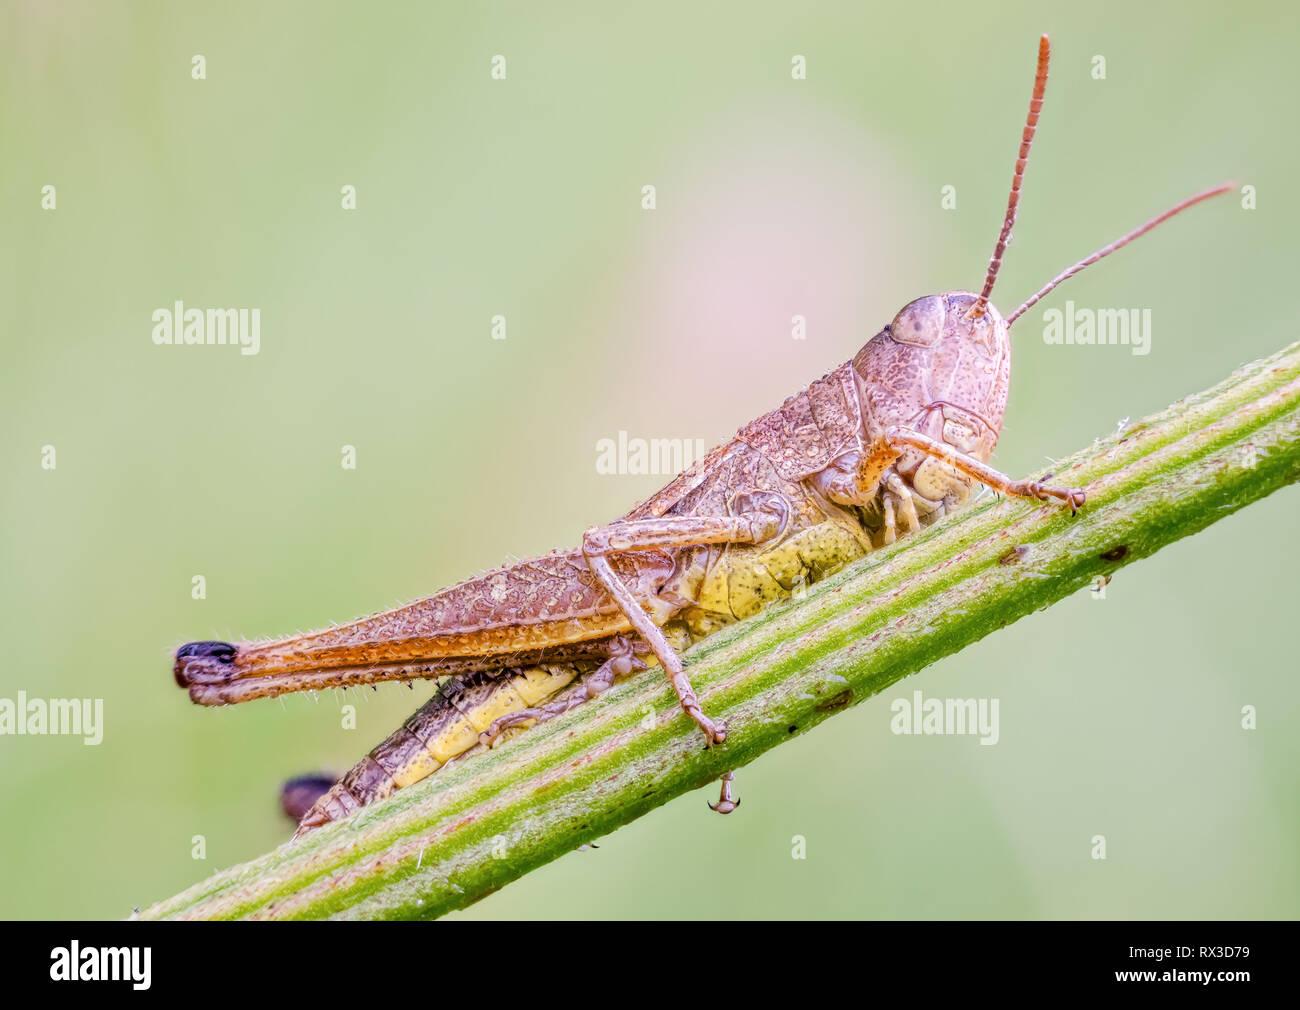 Heuhüpfer Makro, Nahaufnahme mit vielen Details mit Hilfe von Focus Bracketing. Detailreiche Makroaufnahmen von kleinen Tieren - Stock Image